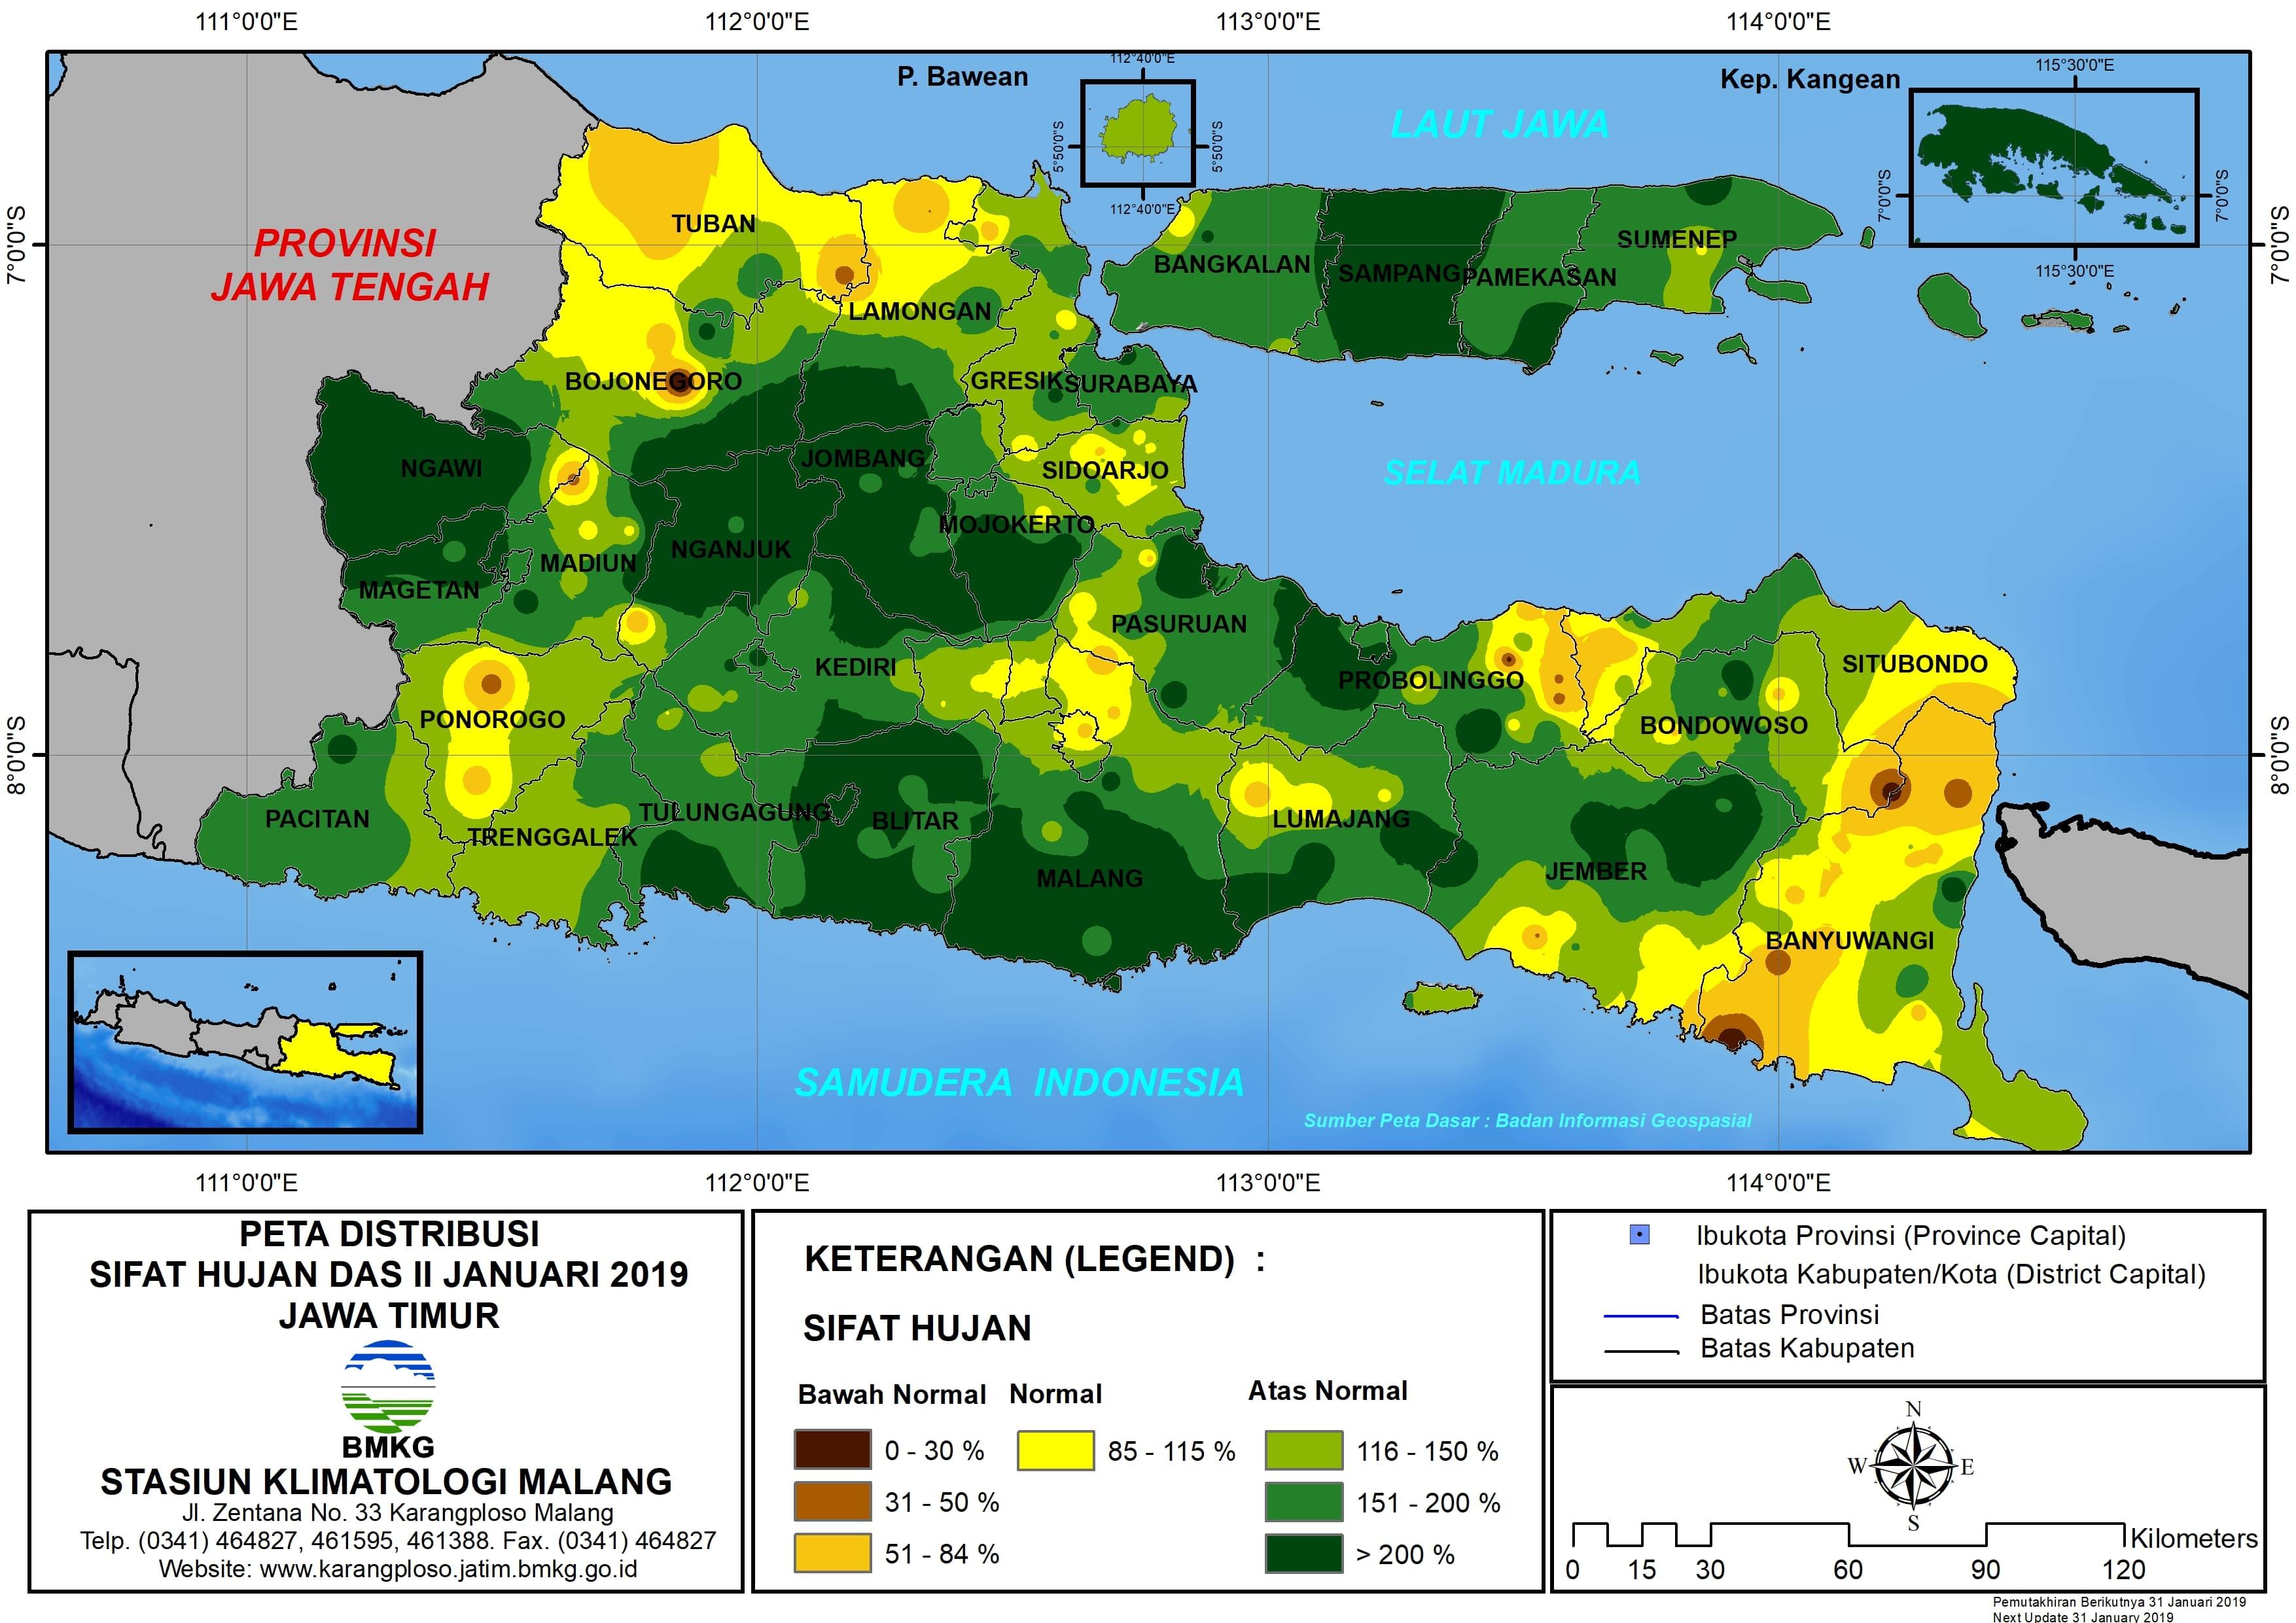 Peta Analisis Distribusi Sifat Hujan Dasarian II Januari 2019 di Provinsi Jawa Timur